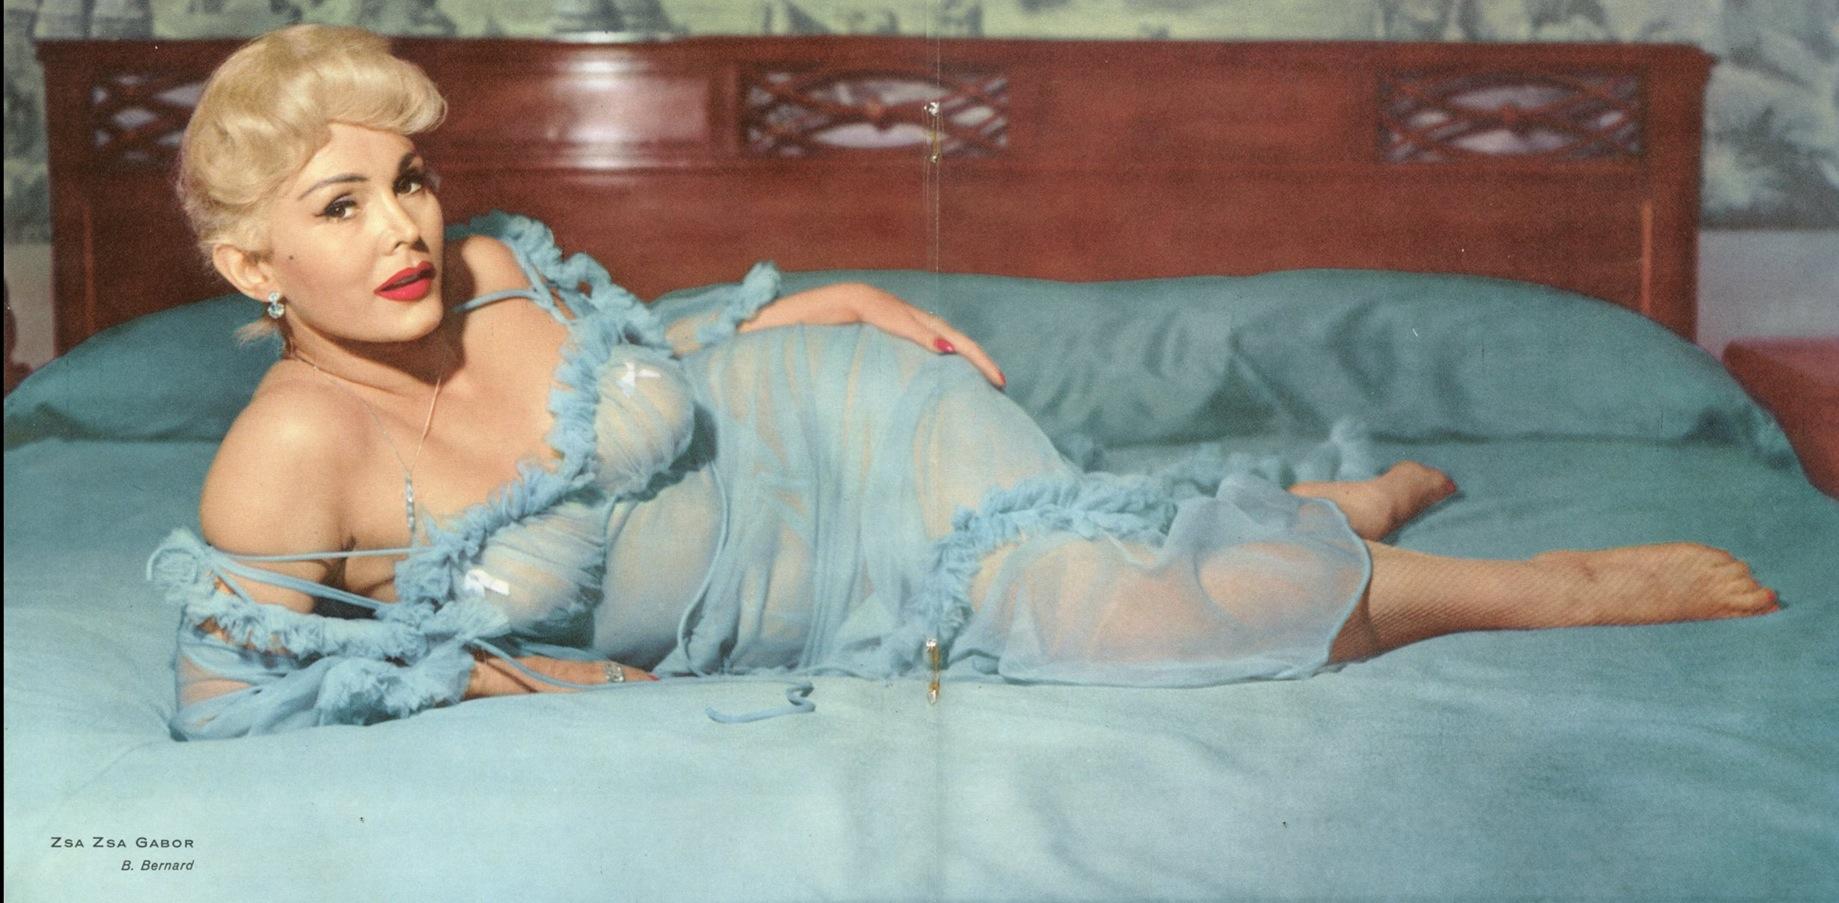 Photo de Zsa Zsa Gabor en lingerie Jewpop